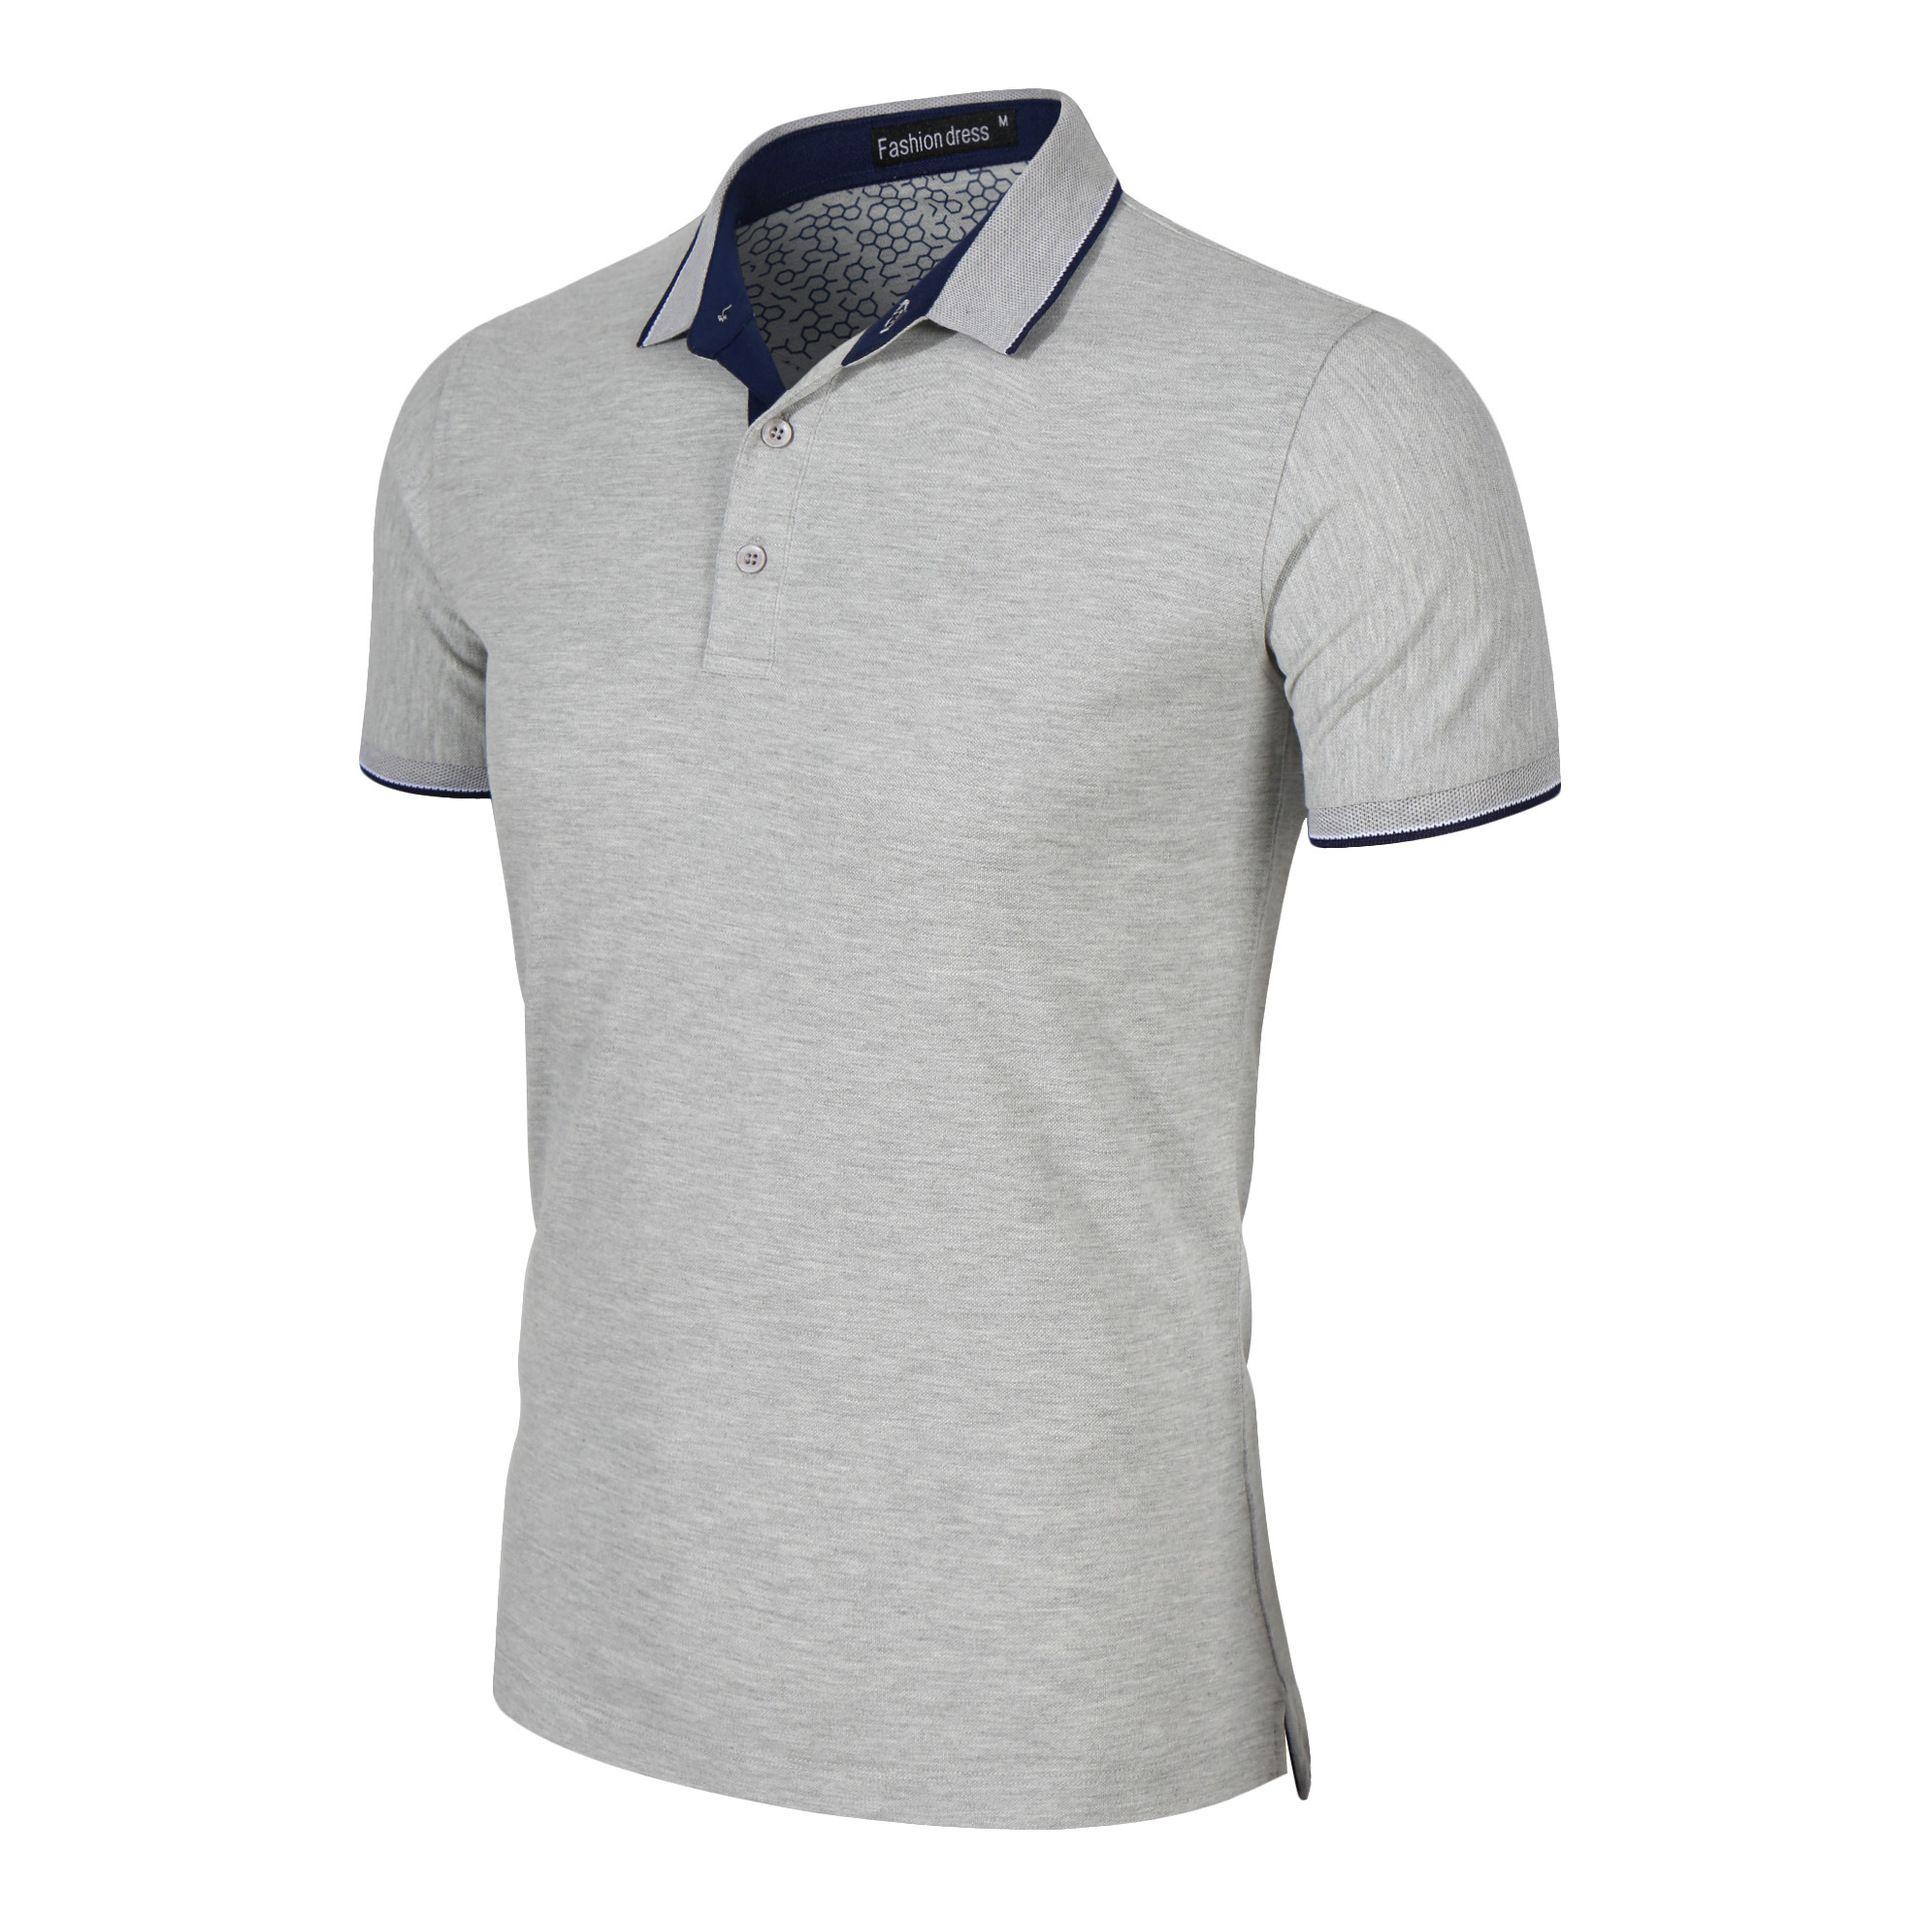 c52866a275606 Compre Pólo Personalizado Dos Homens Camisa Bordado Personalizado Camisa De  Golfe Personalizado Bordado Trabalho Uniforme De Alta Qualidade 100%  Algodão ...